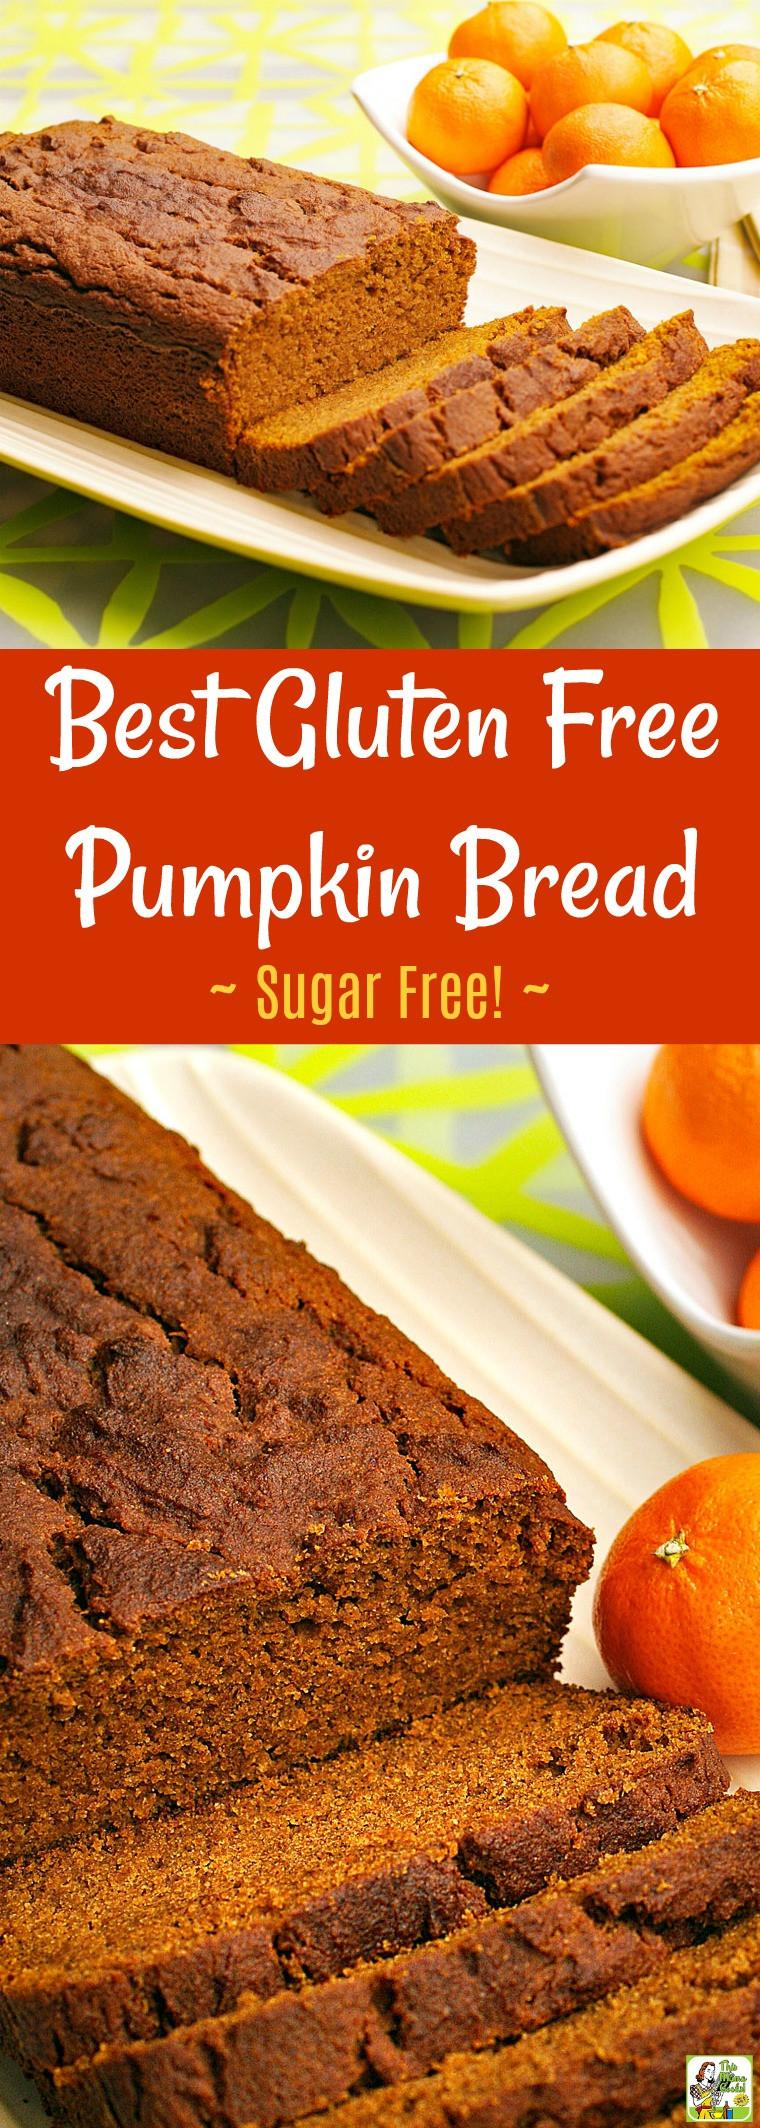 Dairy Free Pumpkin Recipes  gluten free pumpkin bread bob s red mill